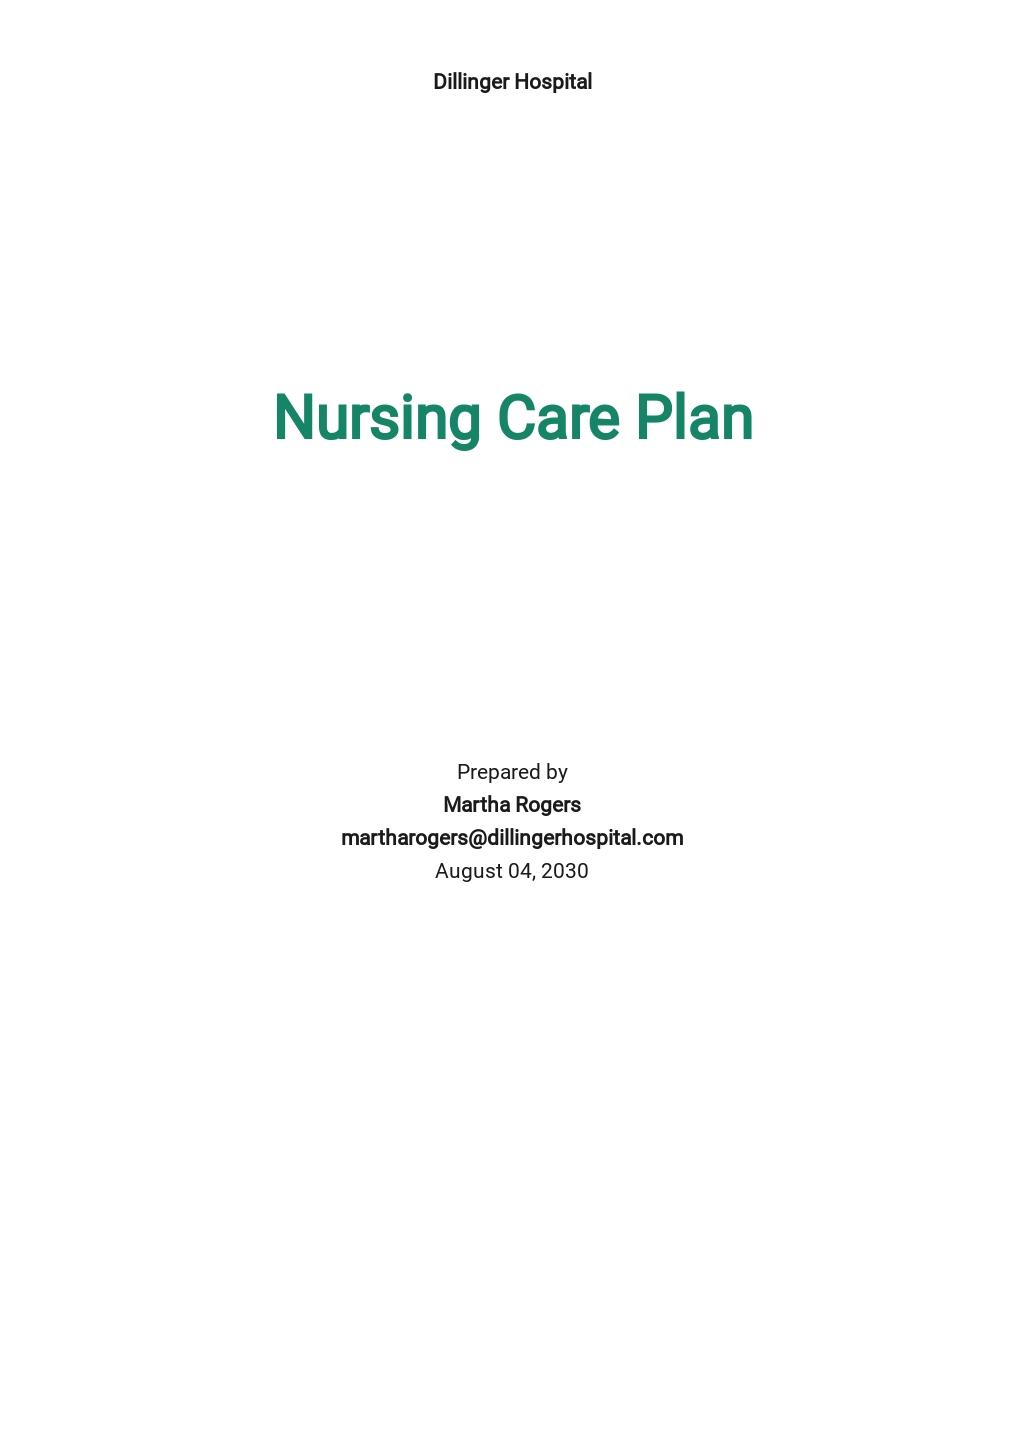 Blank Nursing Care Plan Template